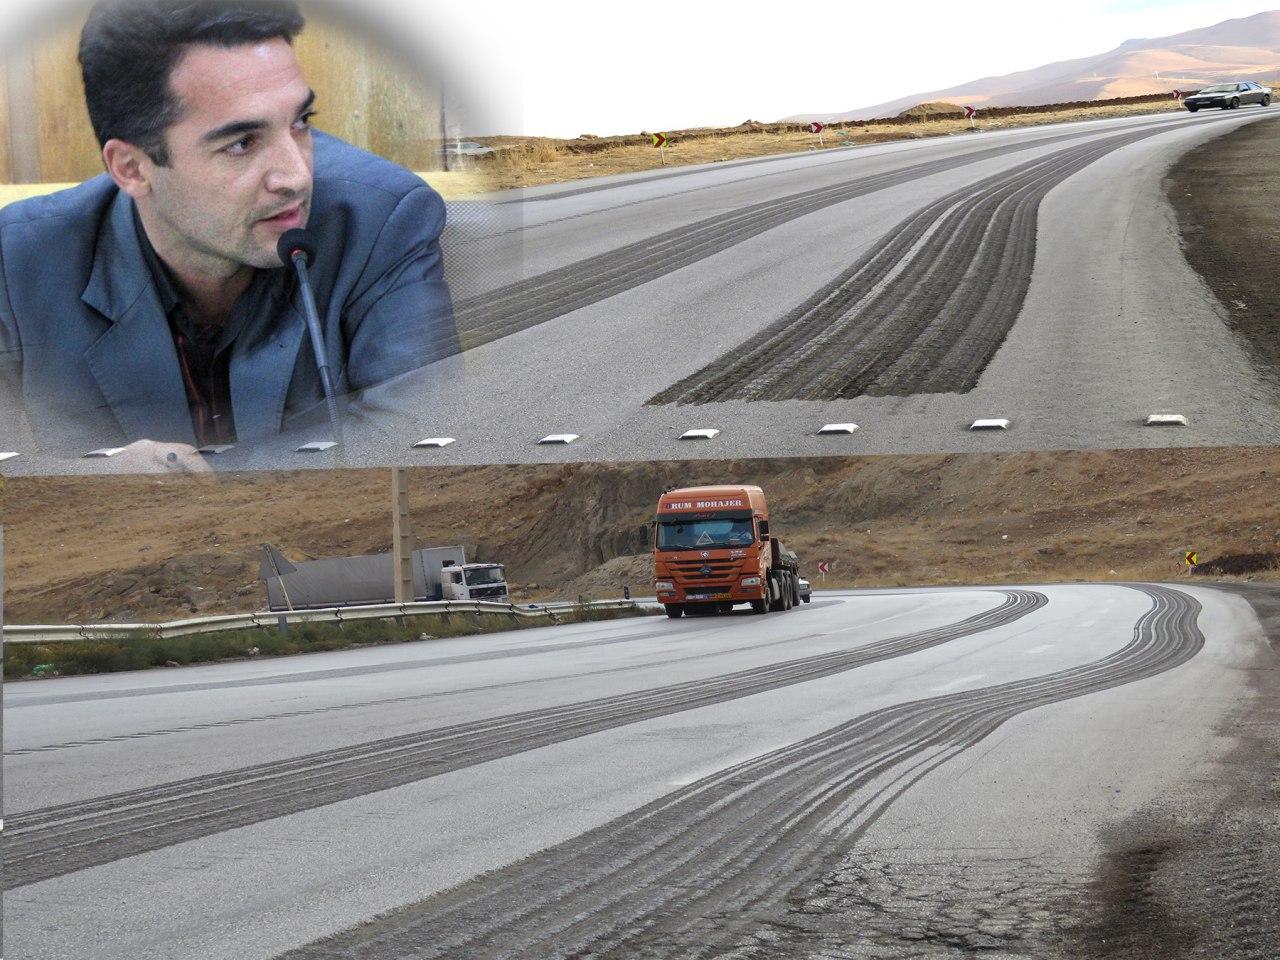 واکنش اداره راه و ترابری پیرانشهر به گزارش خبرنگار کرد پرس در مورد شیارهای جاده پیرانشهر- نقده